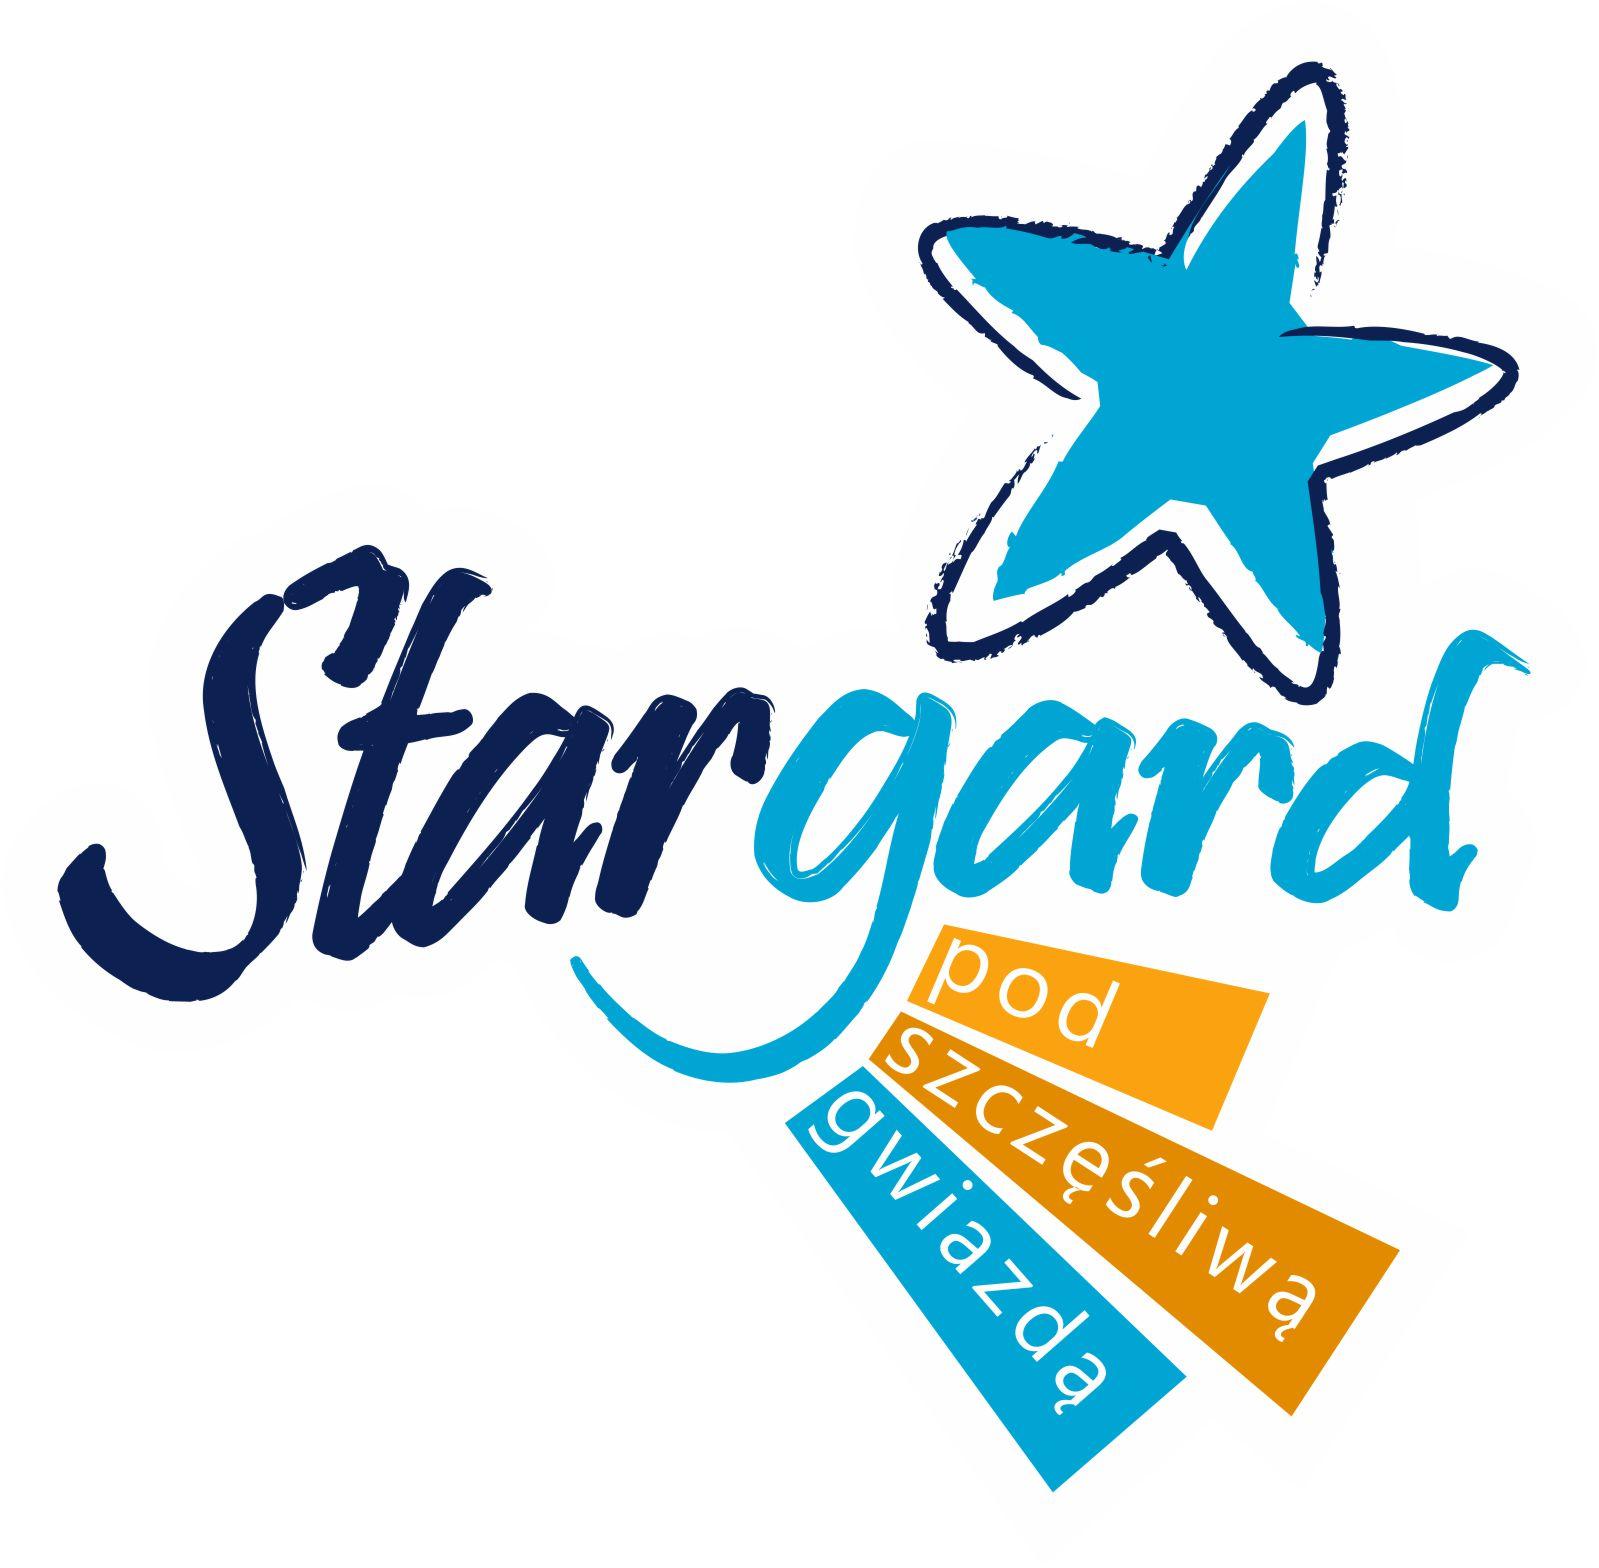 Stargard - pod szczęśliwą gwiazdą